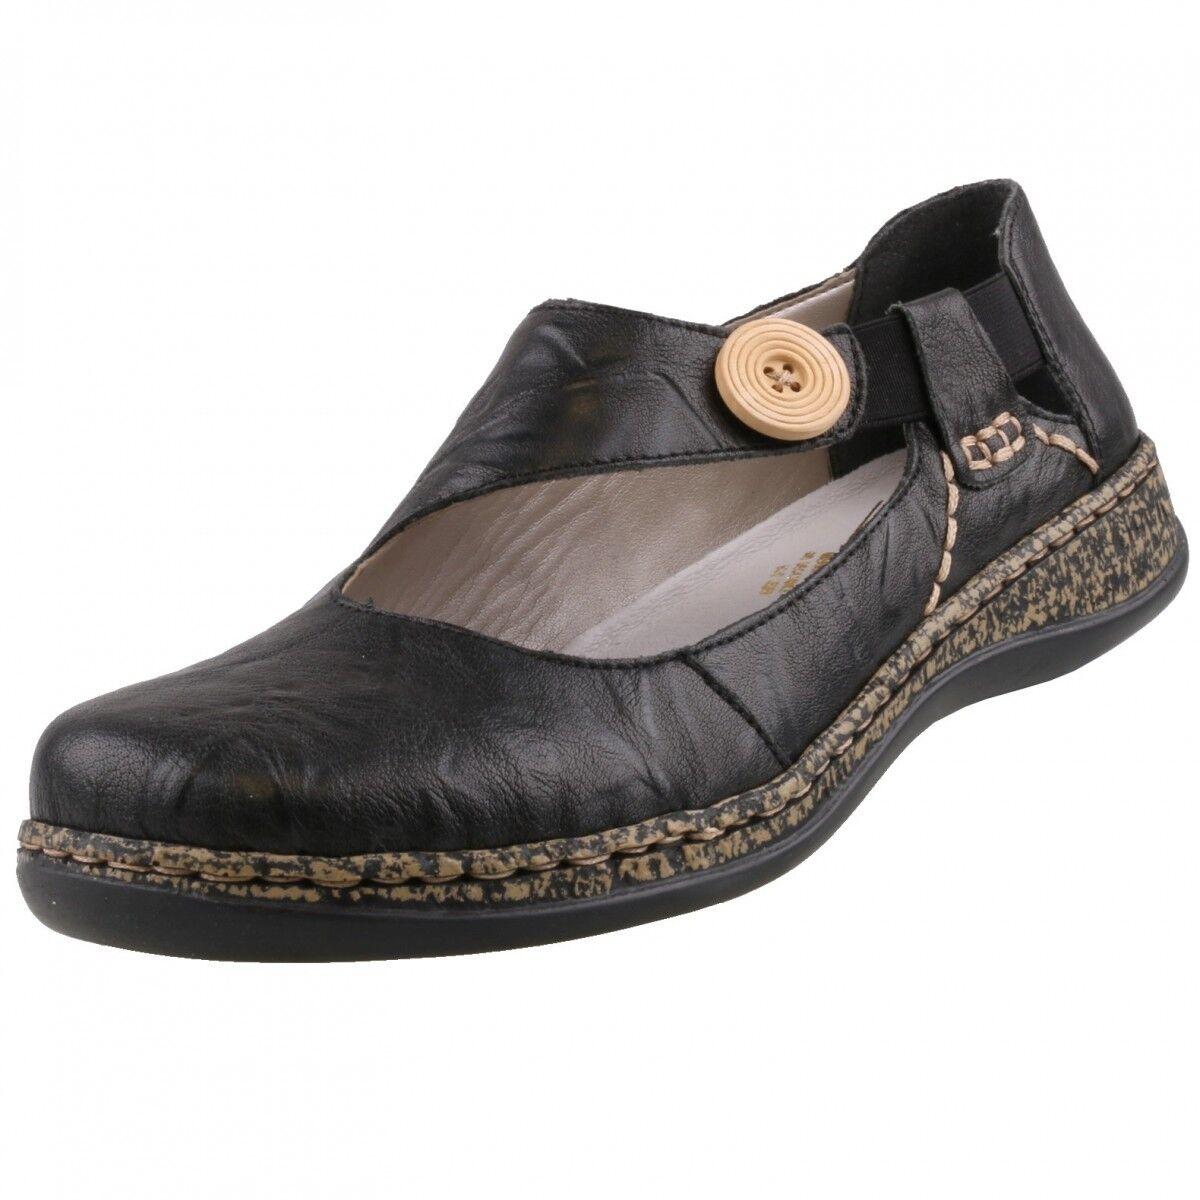 Nuevo zapatos señora zapatos rieker sandalias señora sandalias bailarinas zapatos zapatos zapatos de piel zapatos  venta caliente en línea